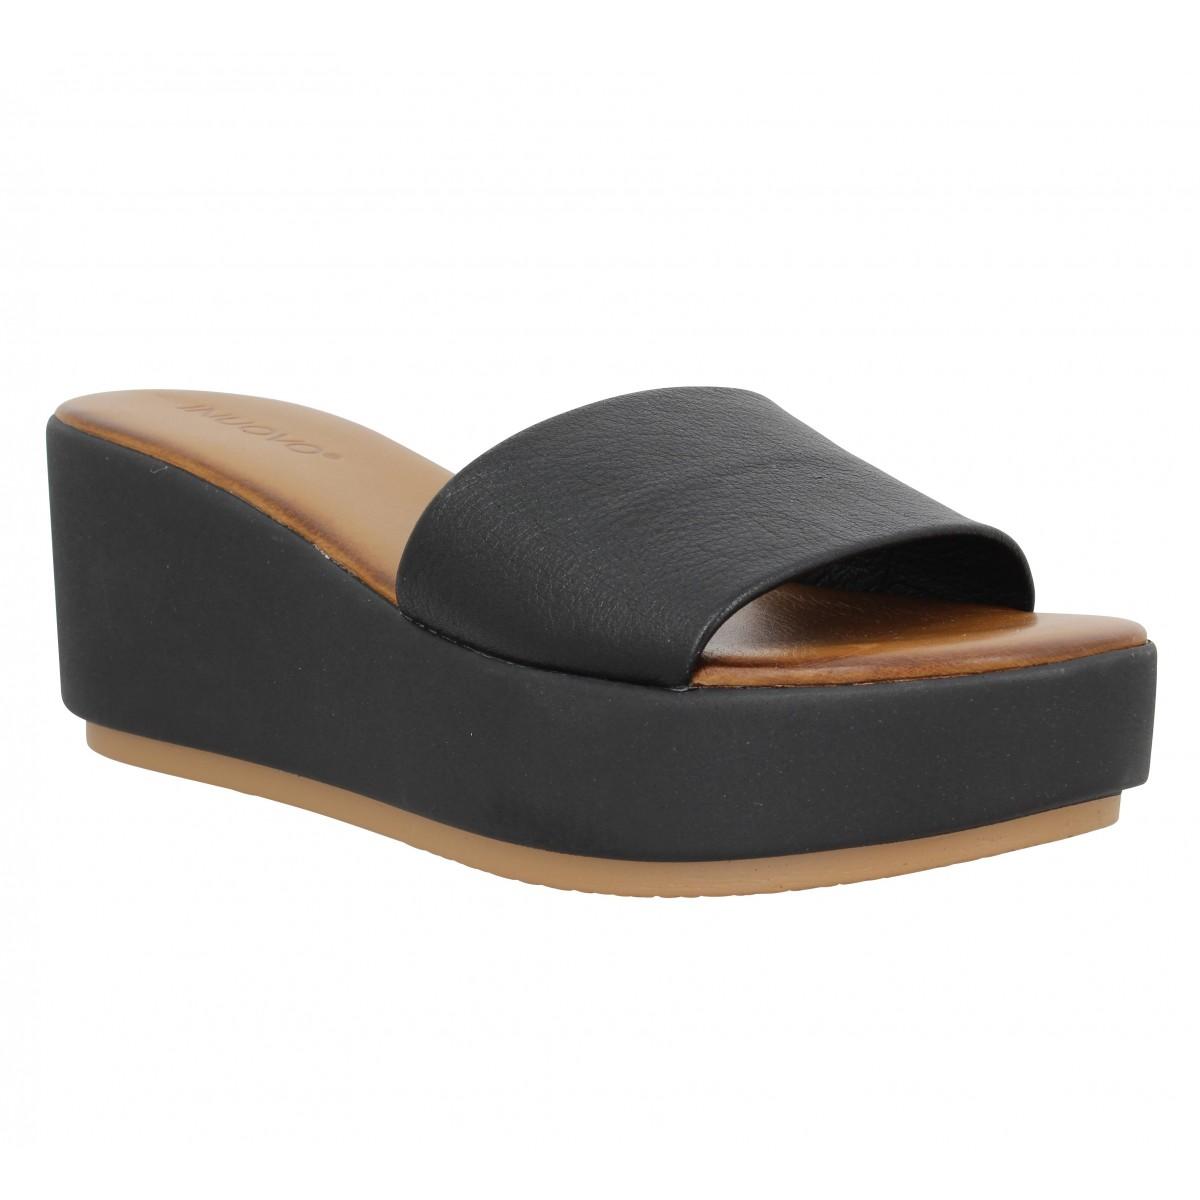 Compensées INUOVO 8695 cuir Femme Noir